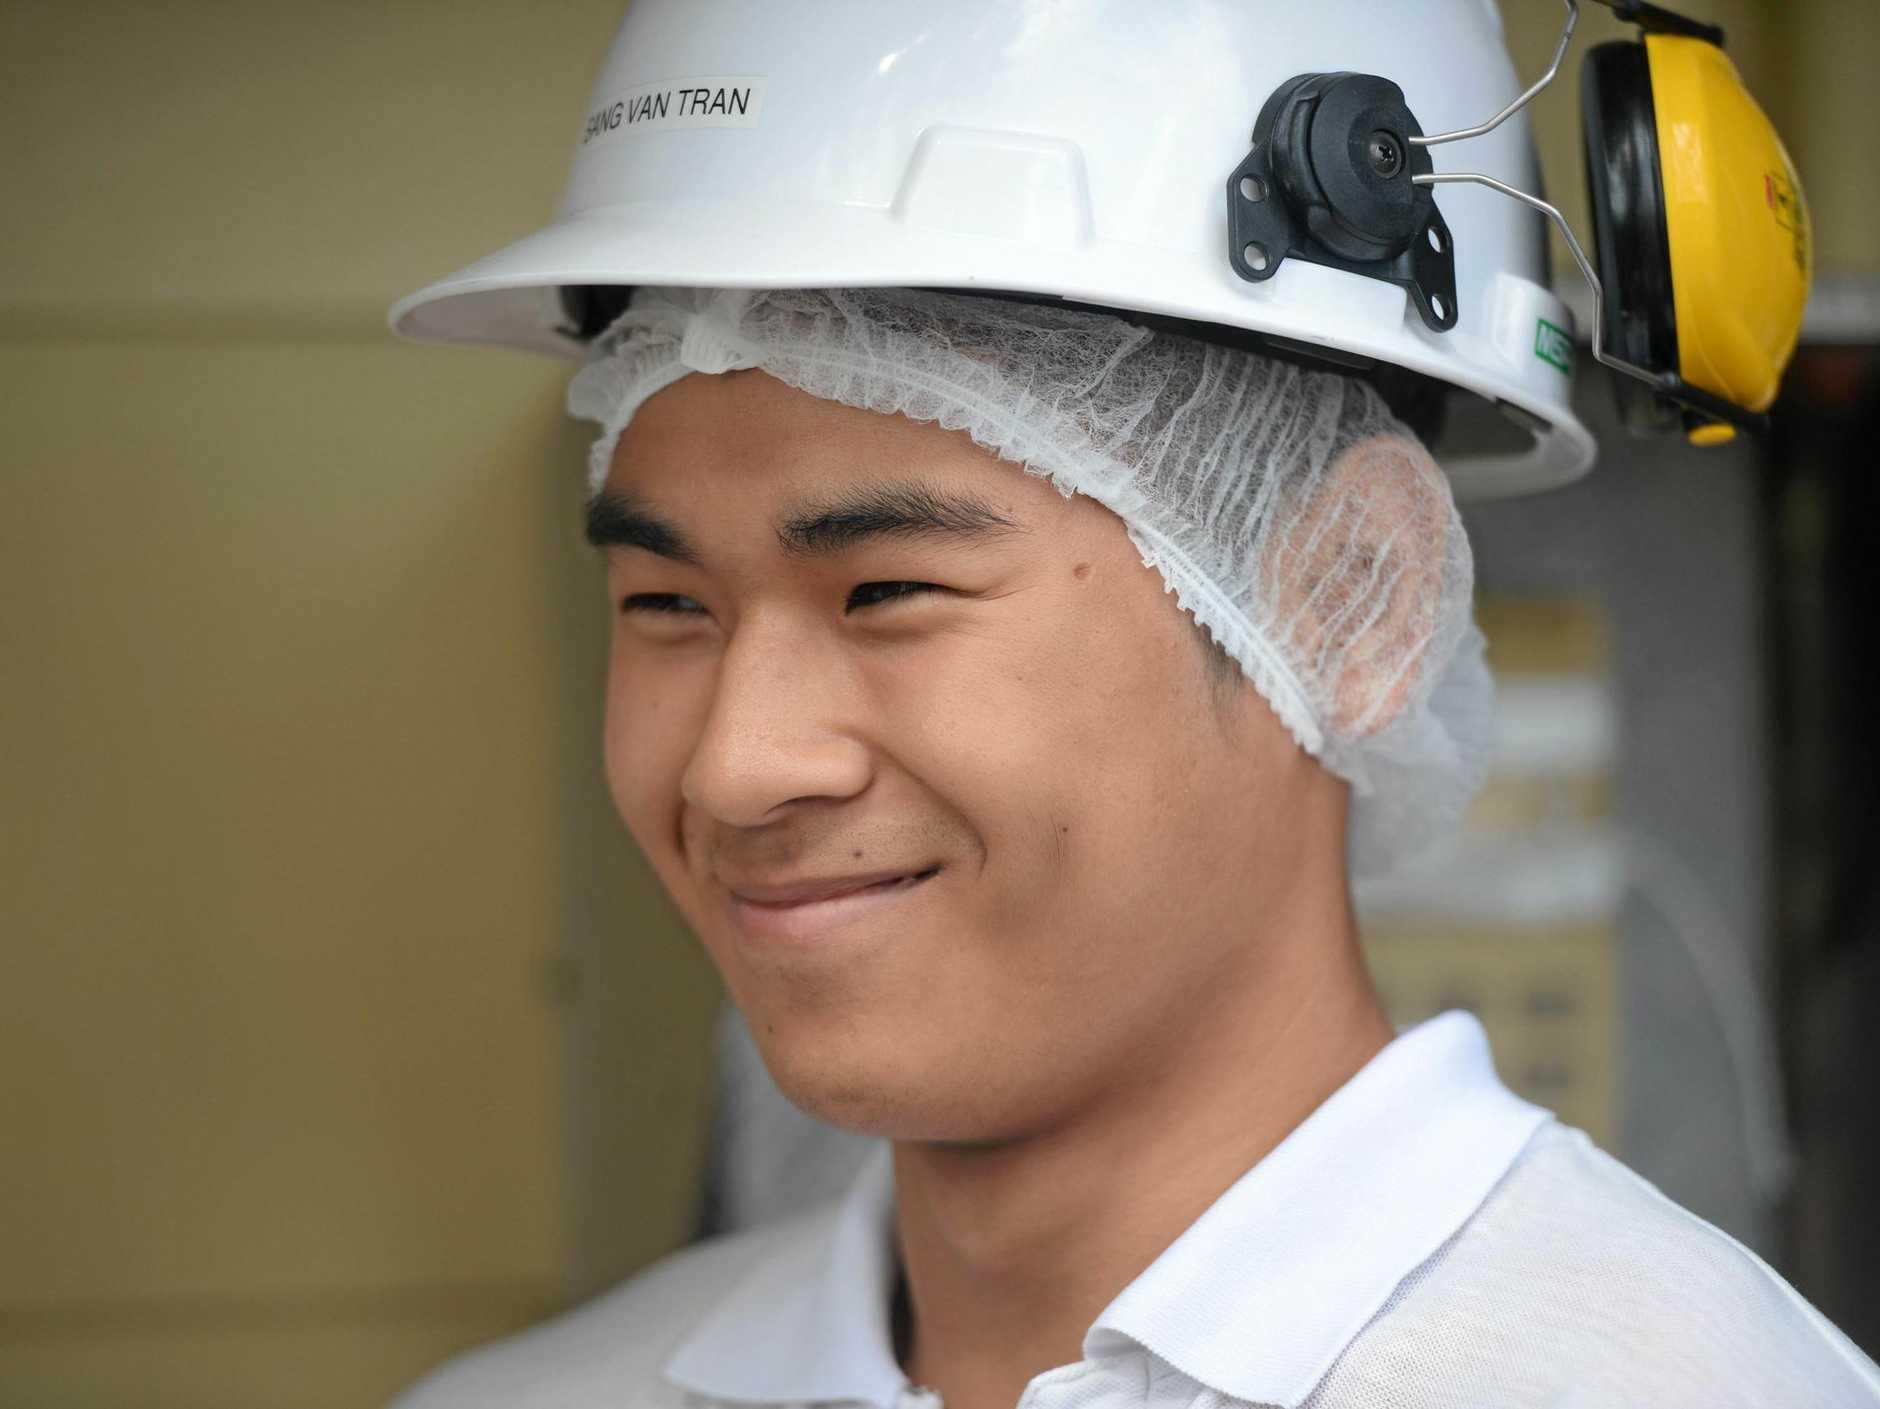 Teys employee Sang Van Tran.